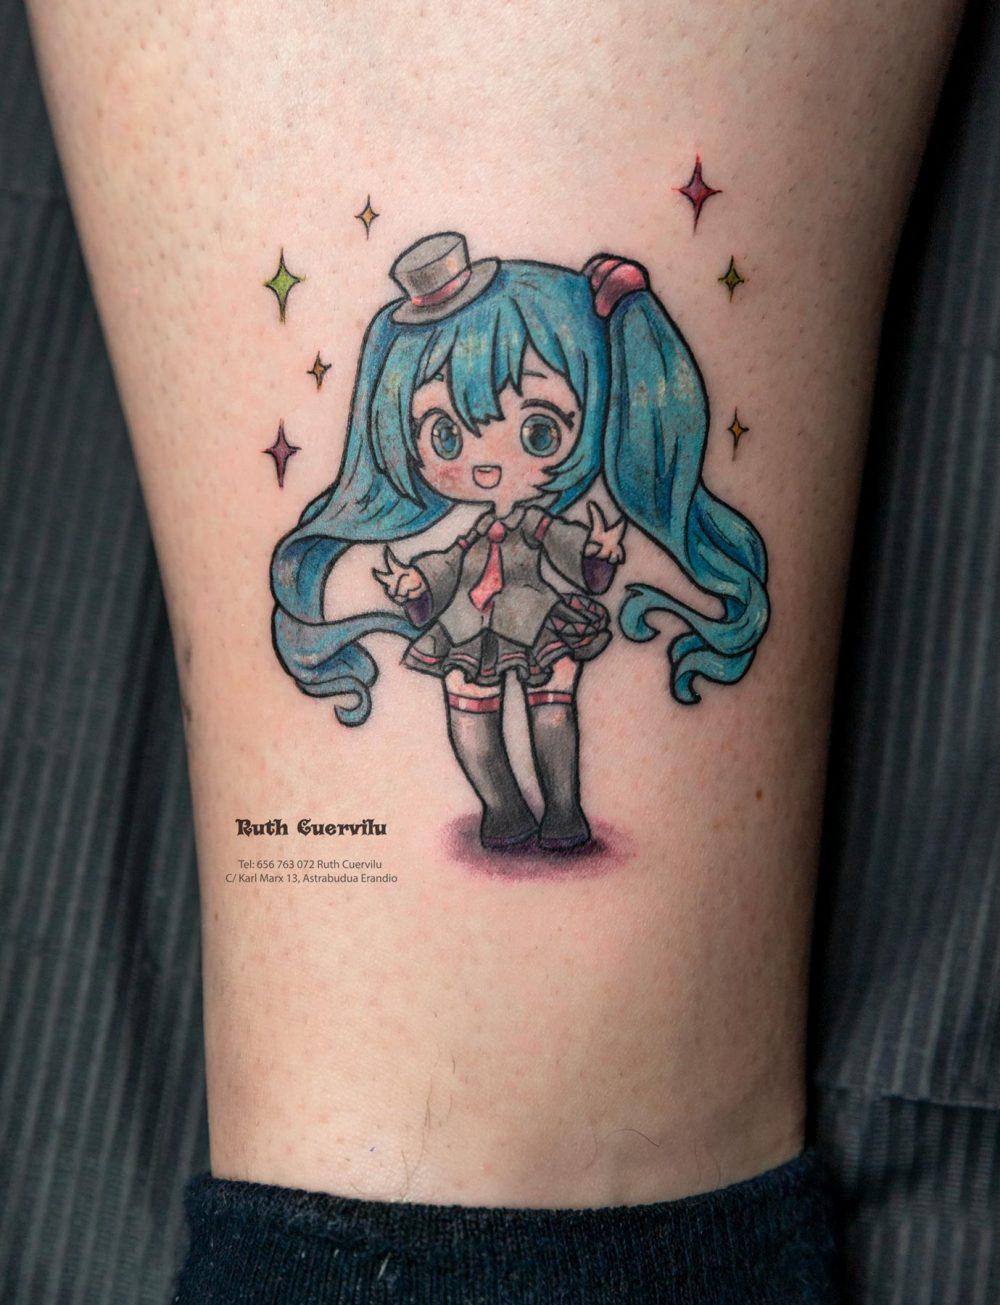 Tatuaje Hatsune Miku Anime - Ruth Cuervilu Tattoo - KM13 Studio - Estudio de tatuajes Astrabudua Erandio Bizkaia Bilbao Barakaldo Getxo Leioa Gasteiz